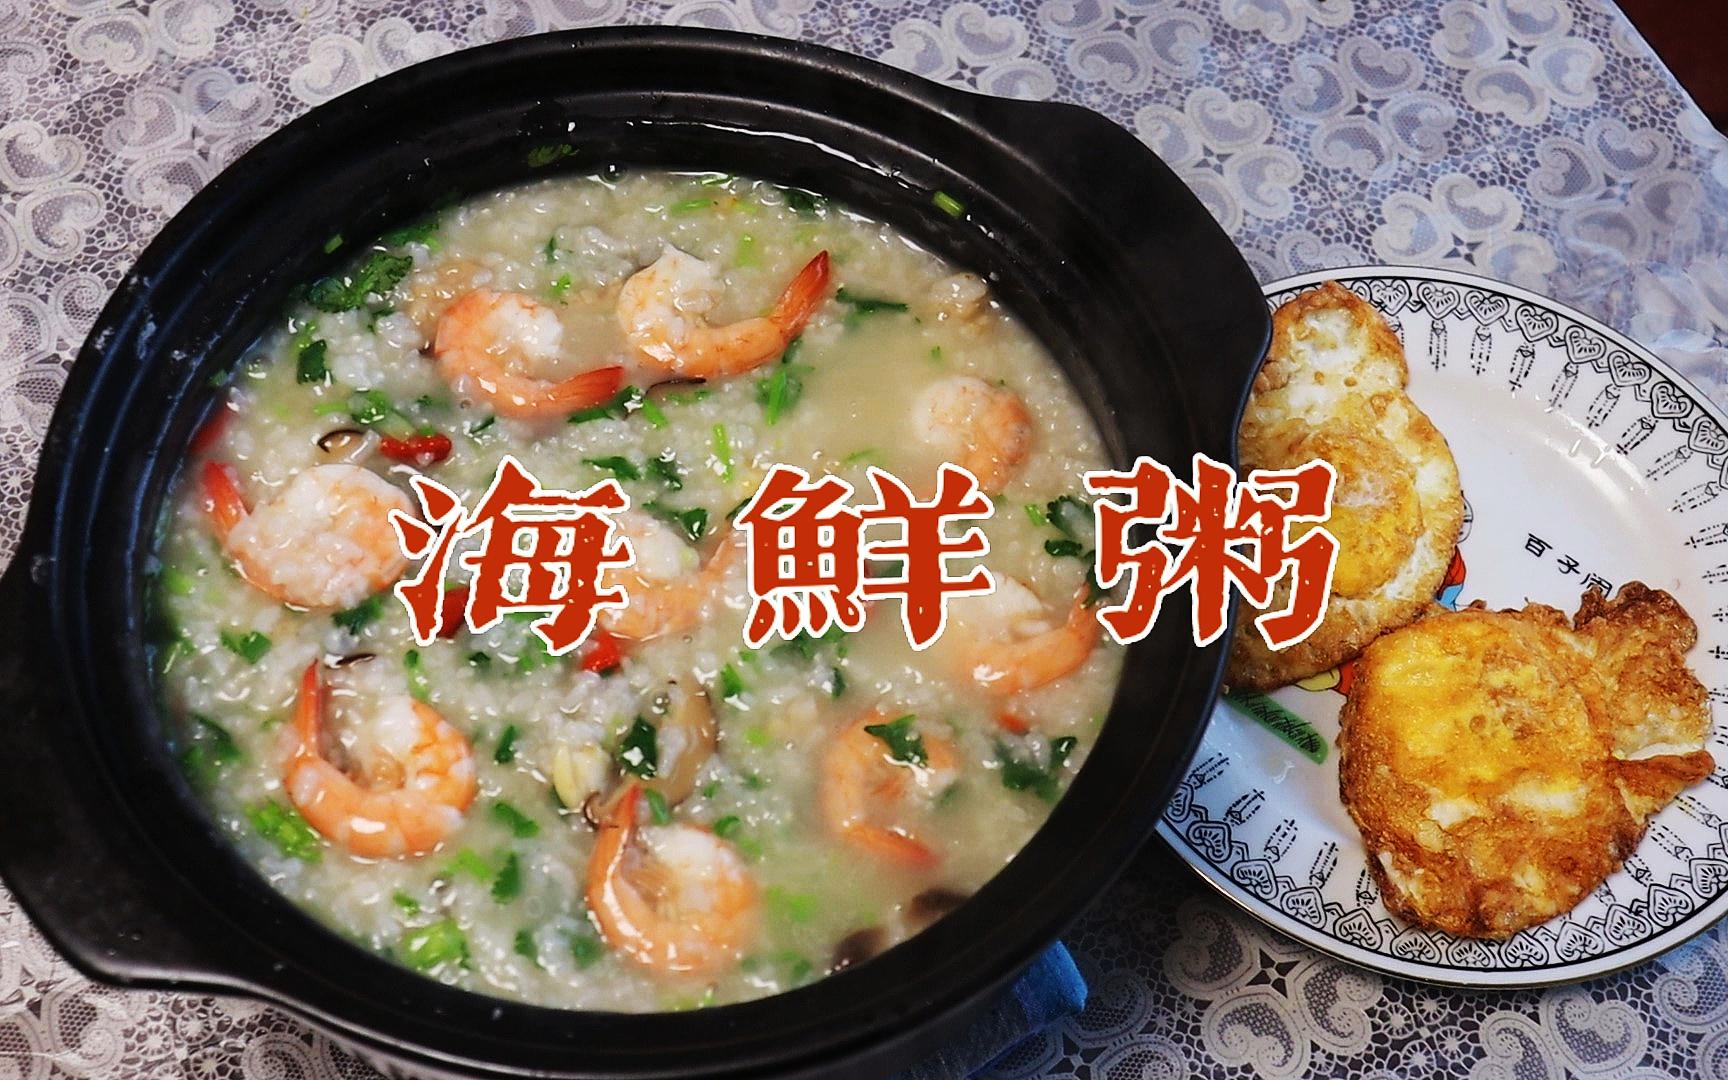 晚上吃碗海鲜粥,身材蹭蹭跟着瘦!